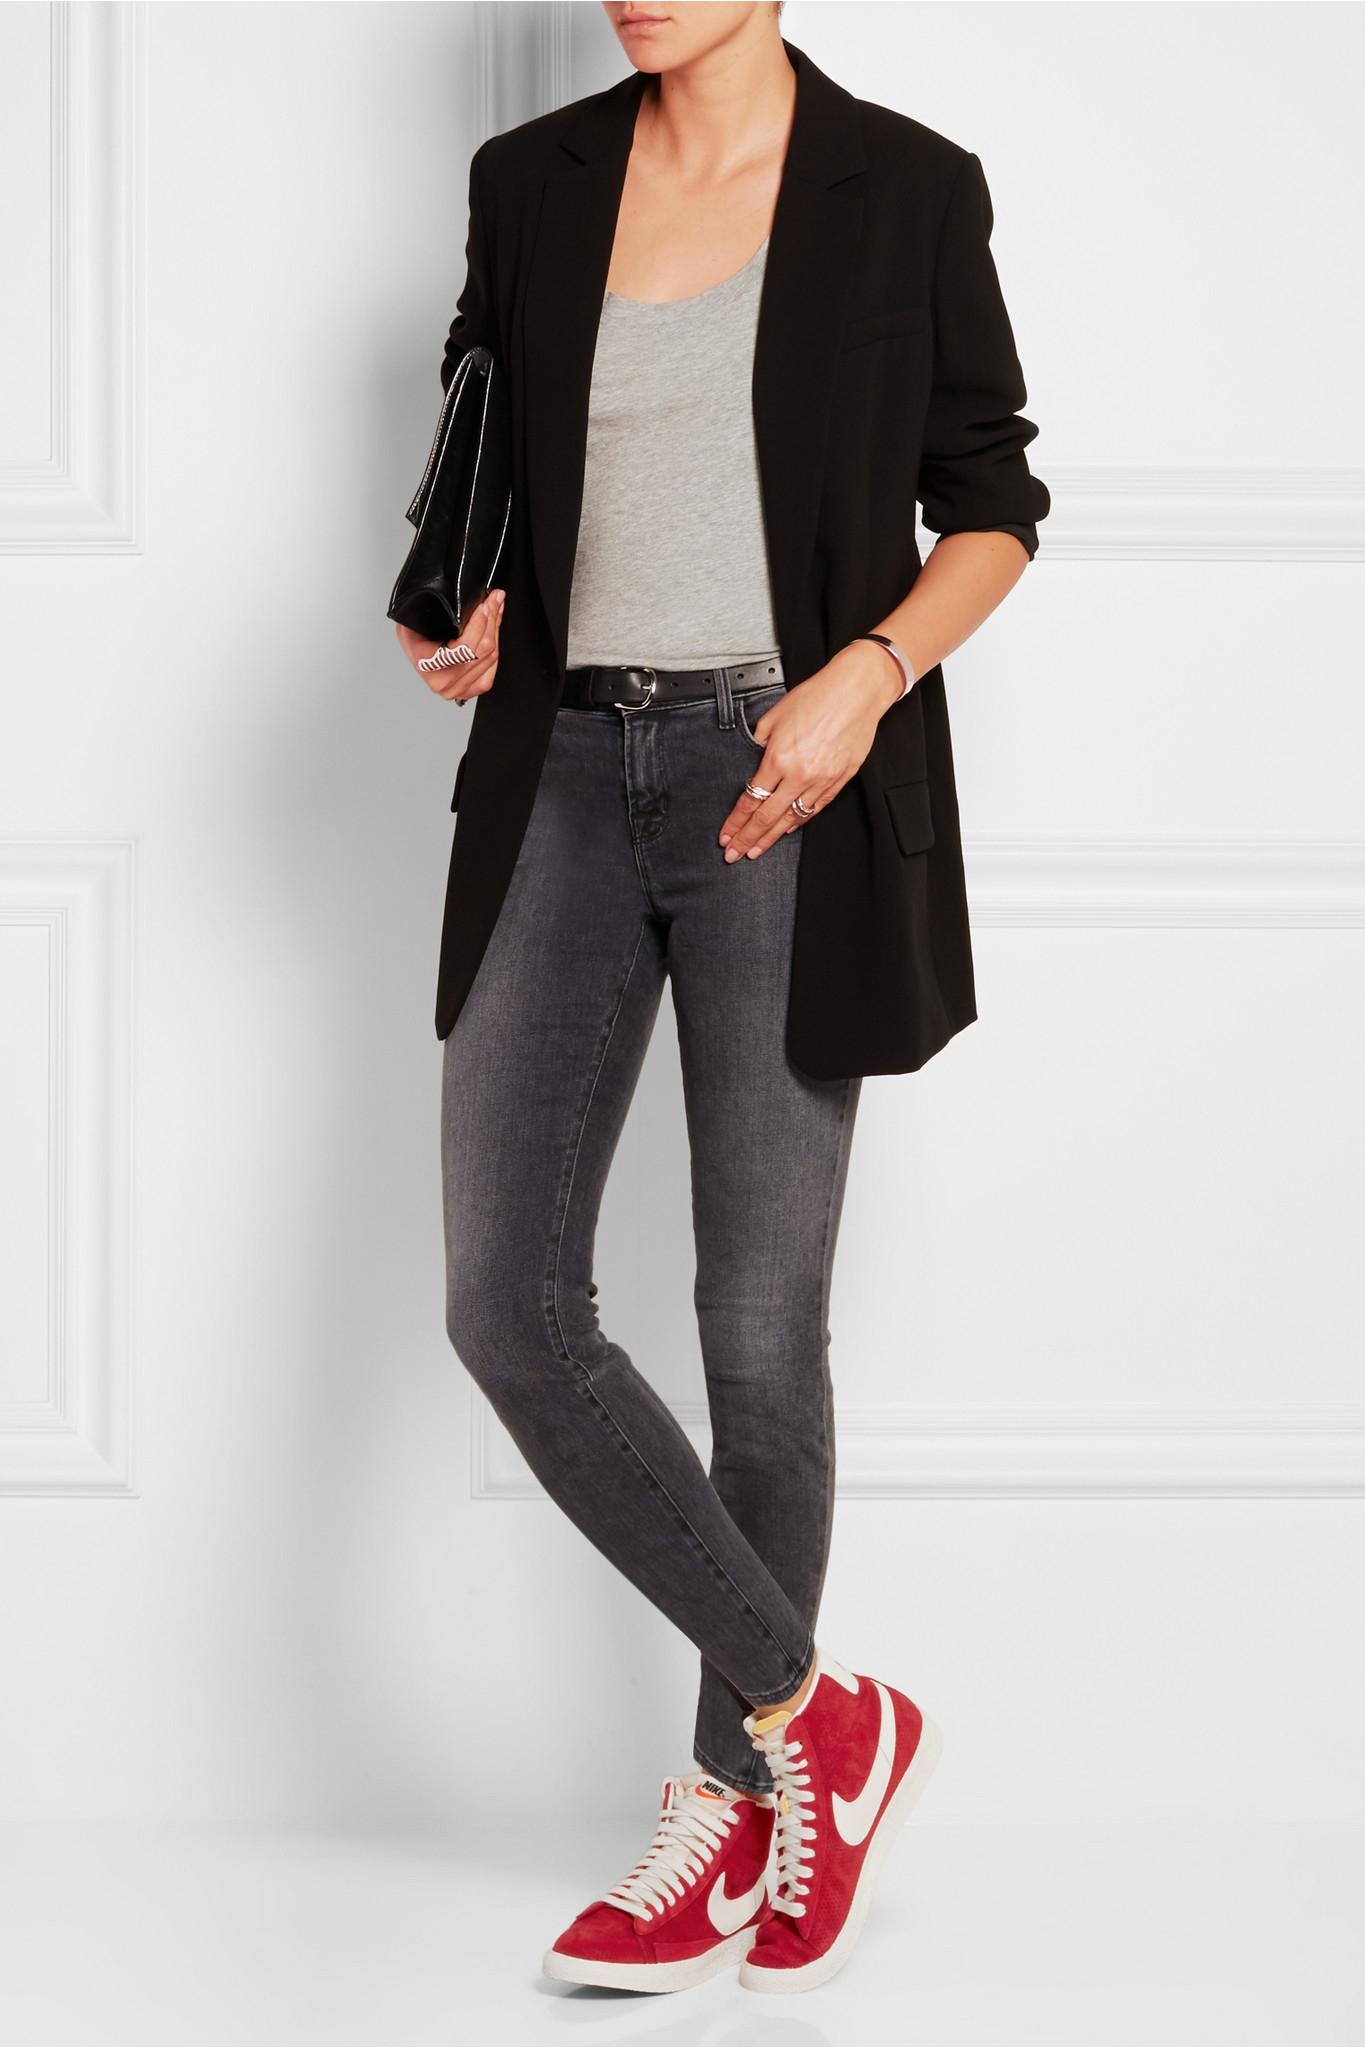 Blazer Jeans White Shoes Women